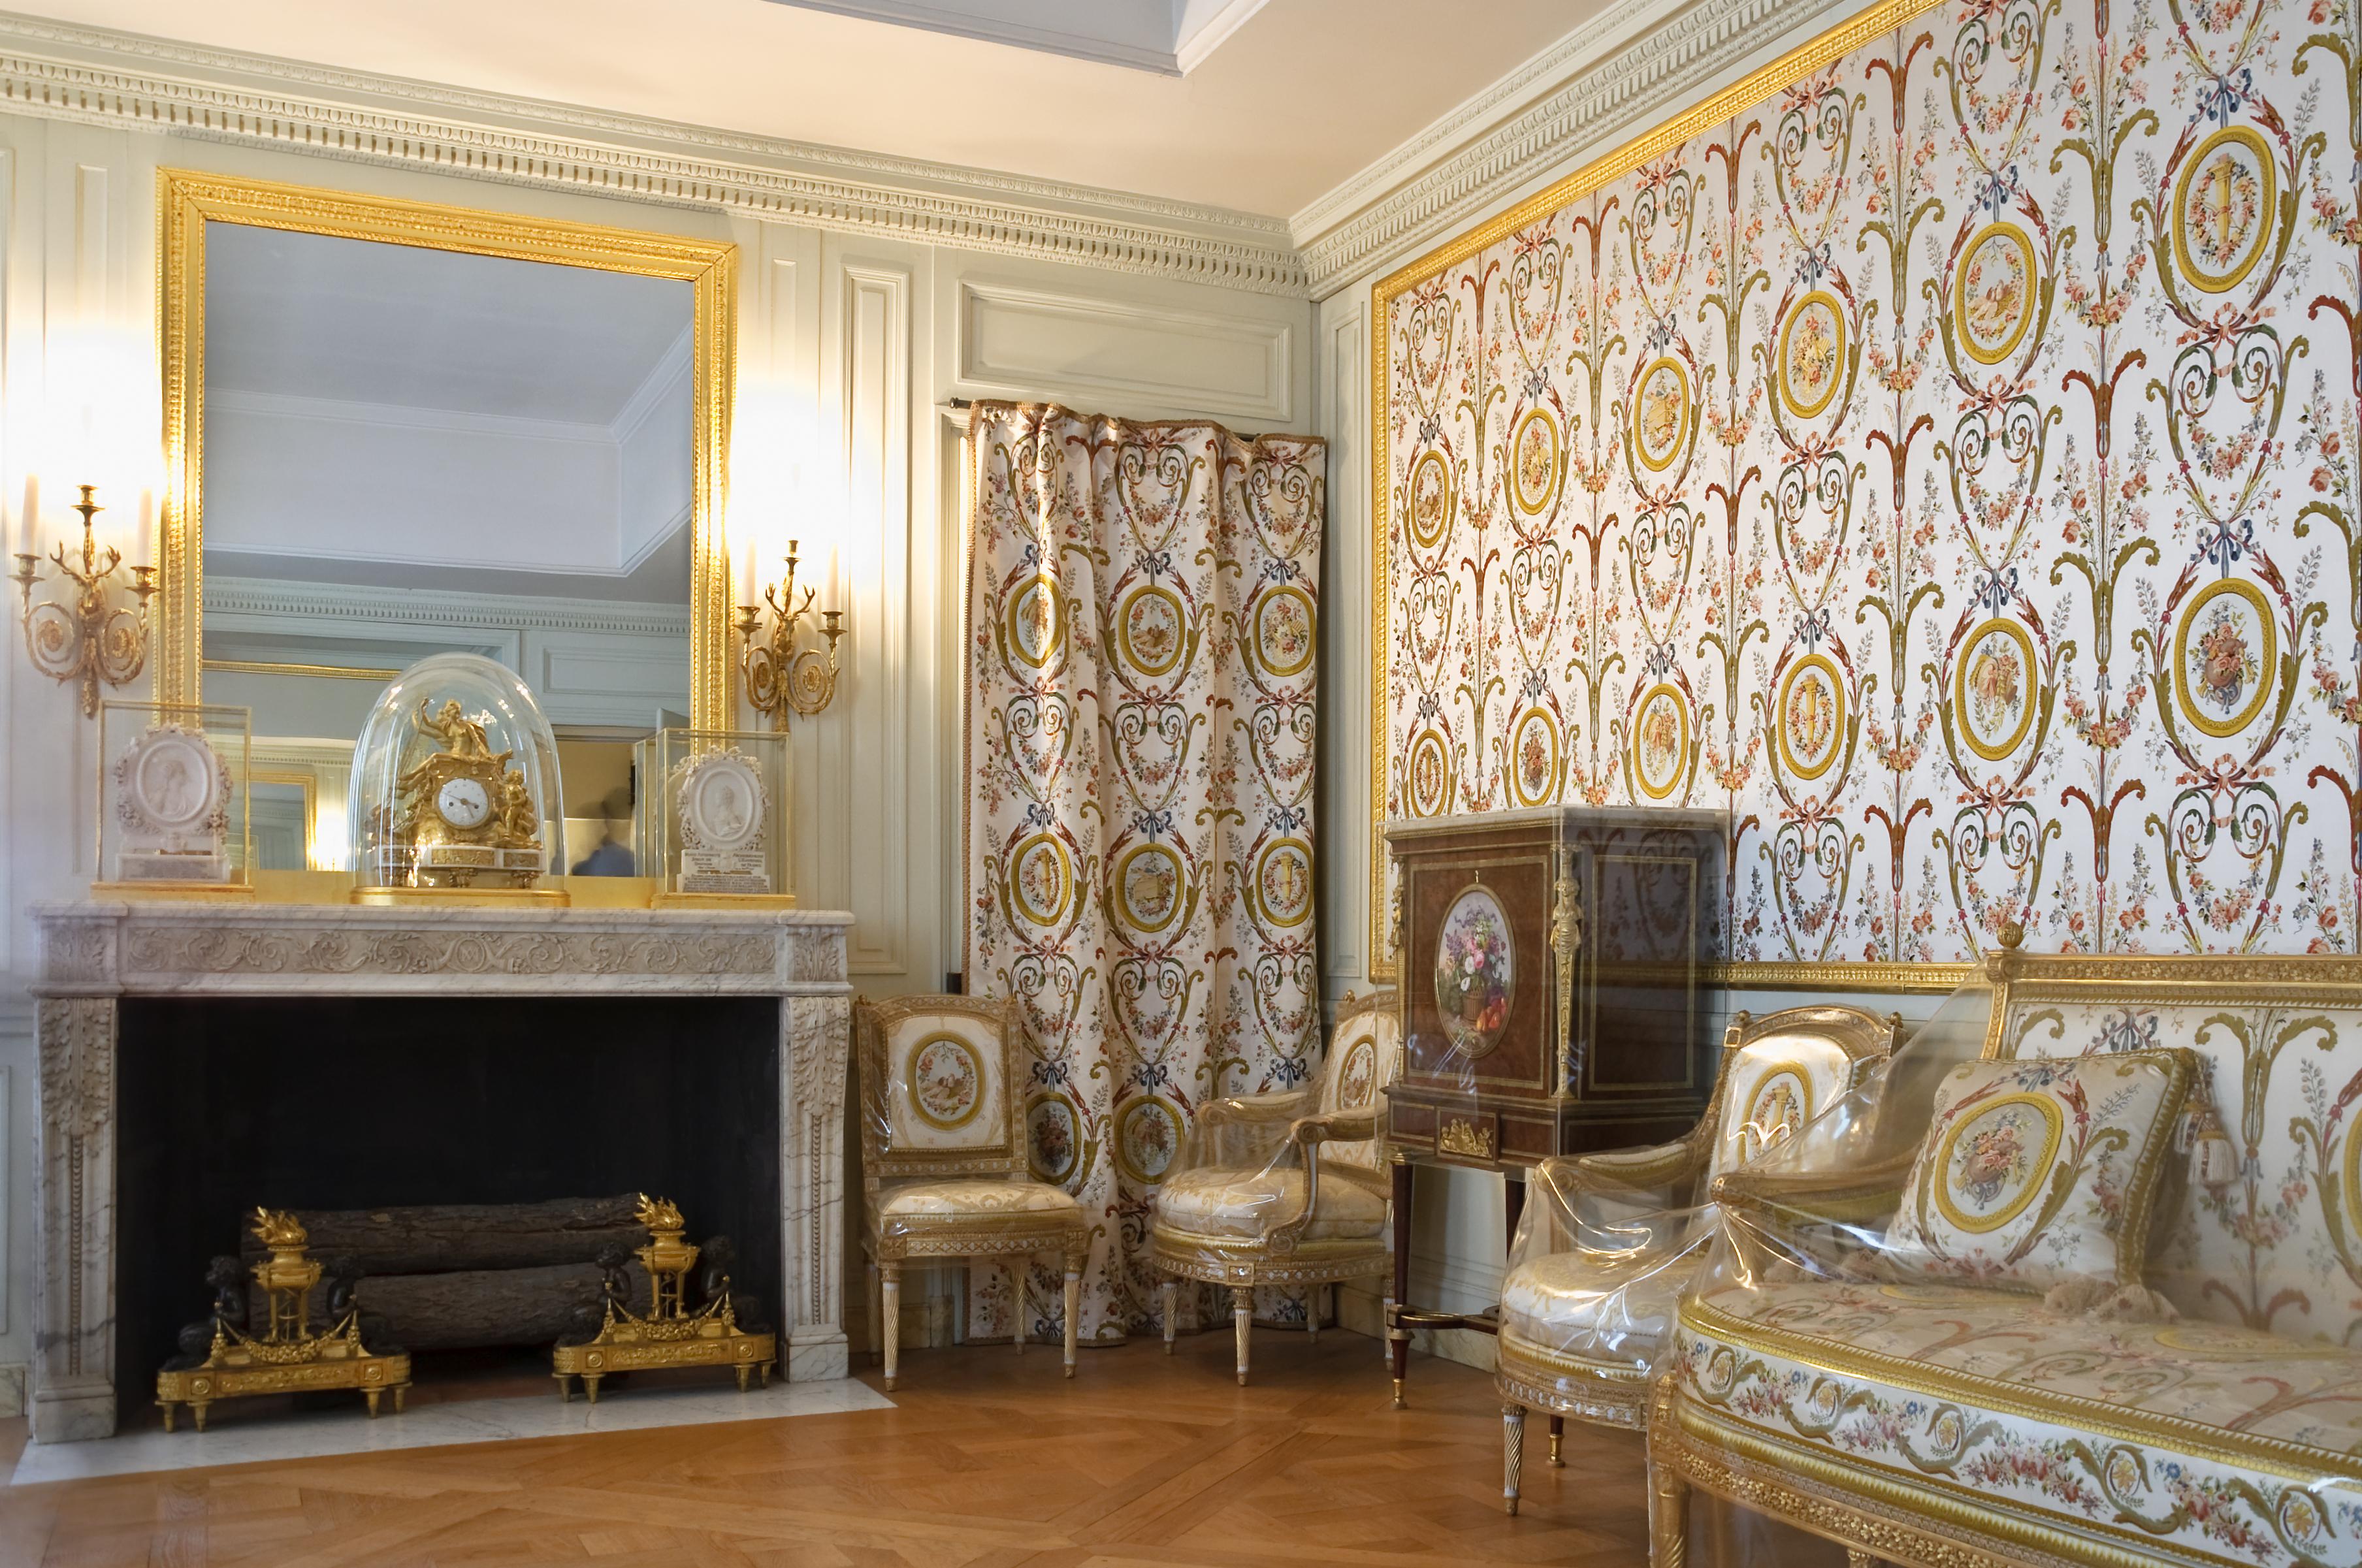 Datei:Chateau Versailles cabinets interieurs de la Reine cabinet du ...